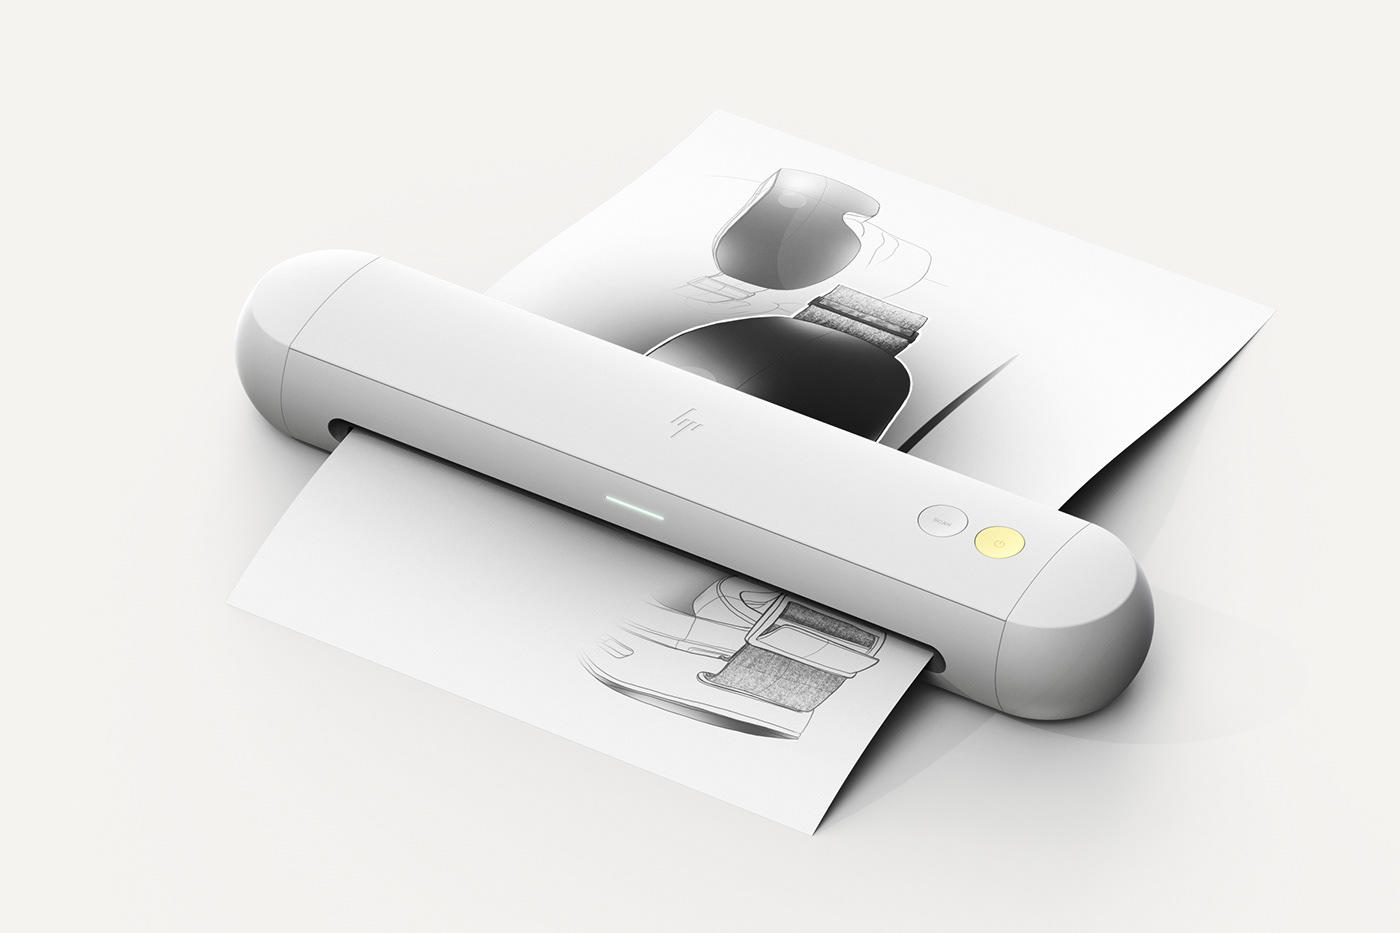 工业贝博官方下载链接公司贝博官方下载链接赏析—便携式打印机